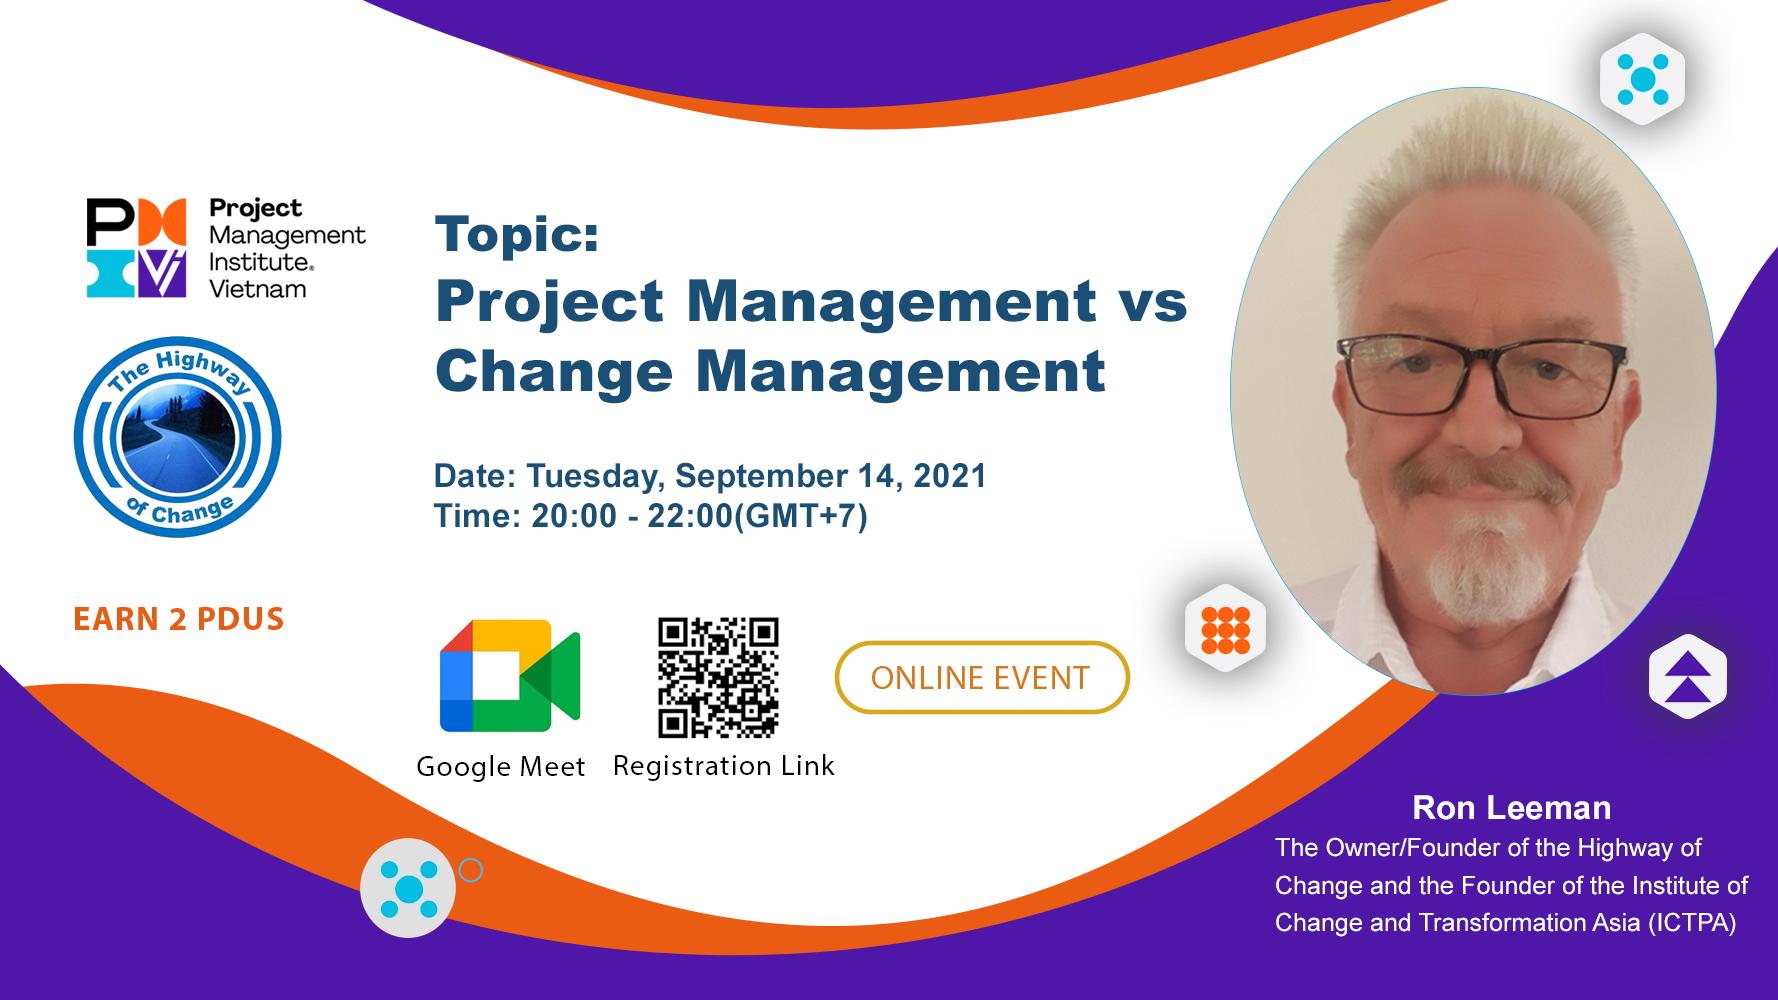 Project Management vs Change Management